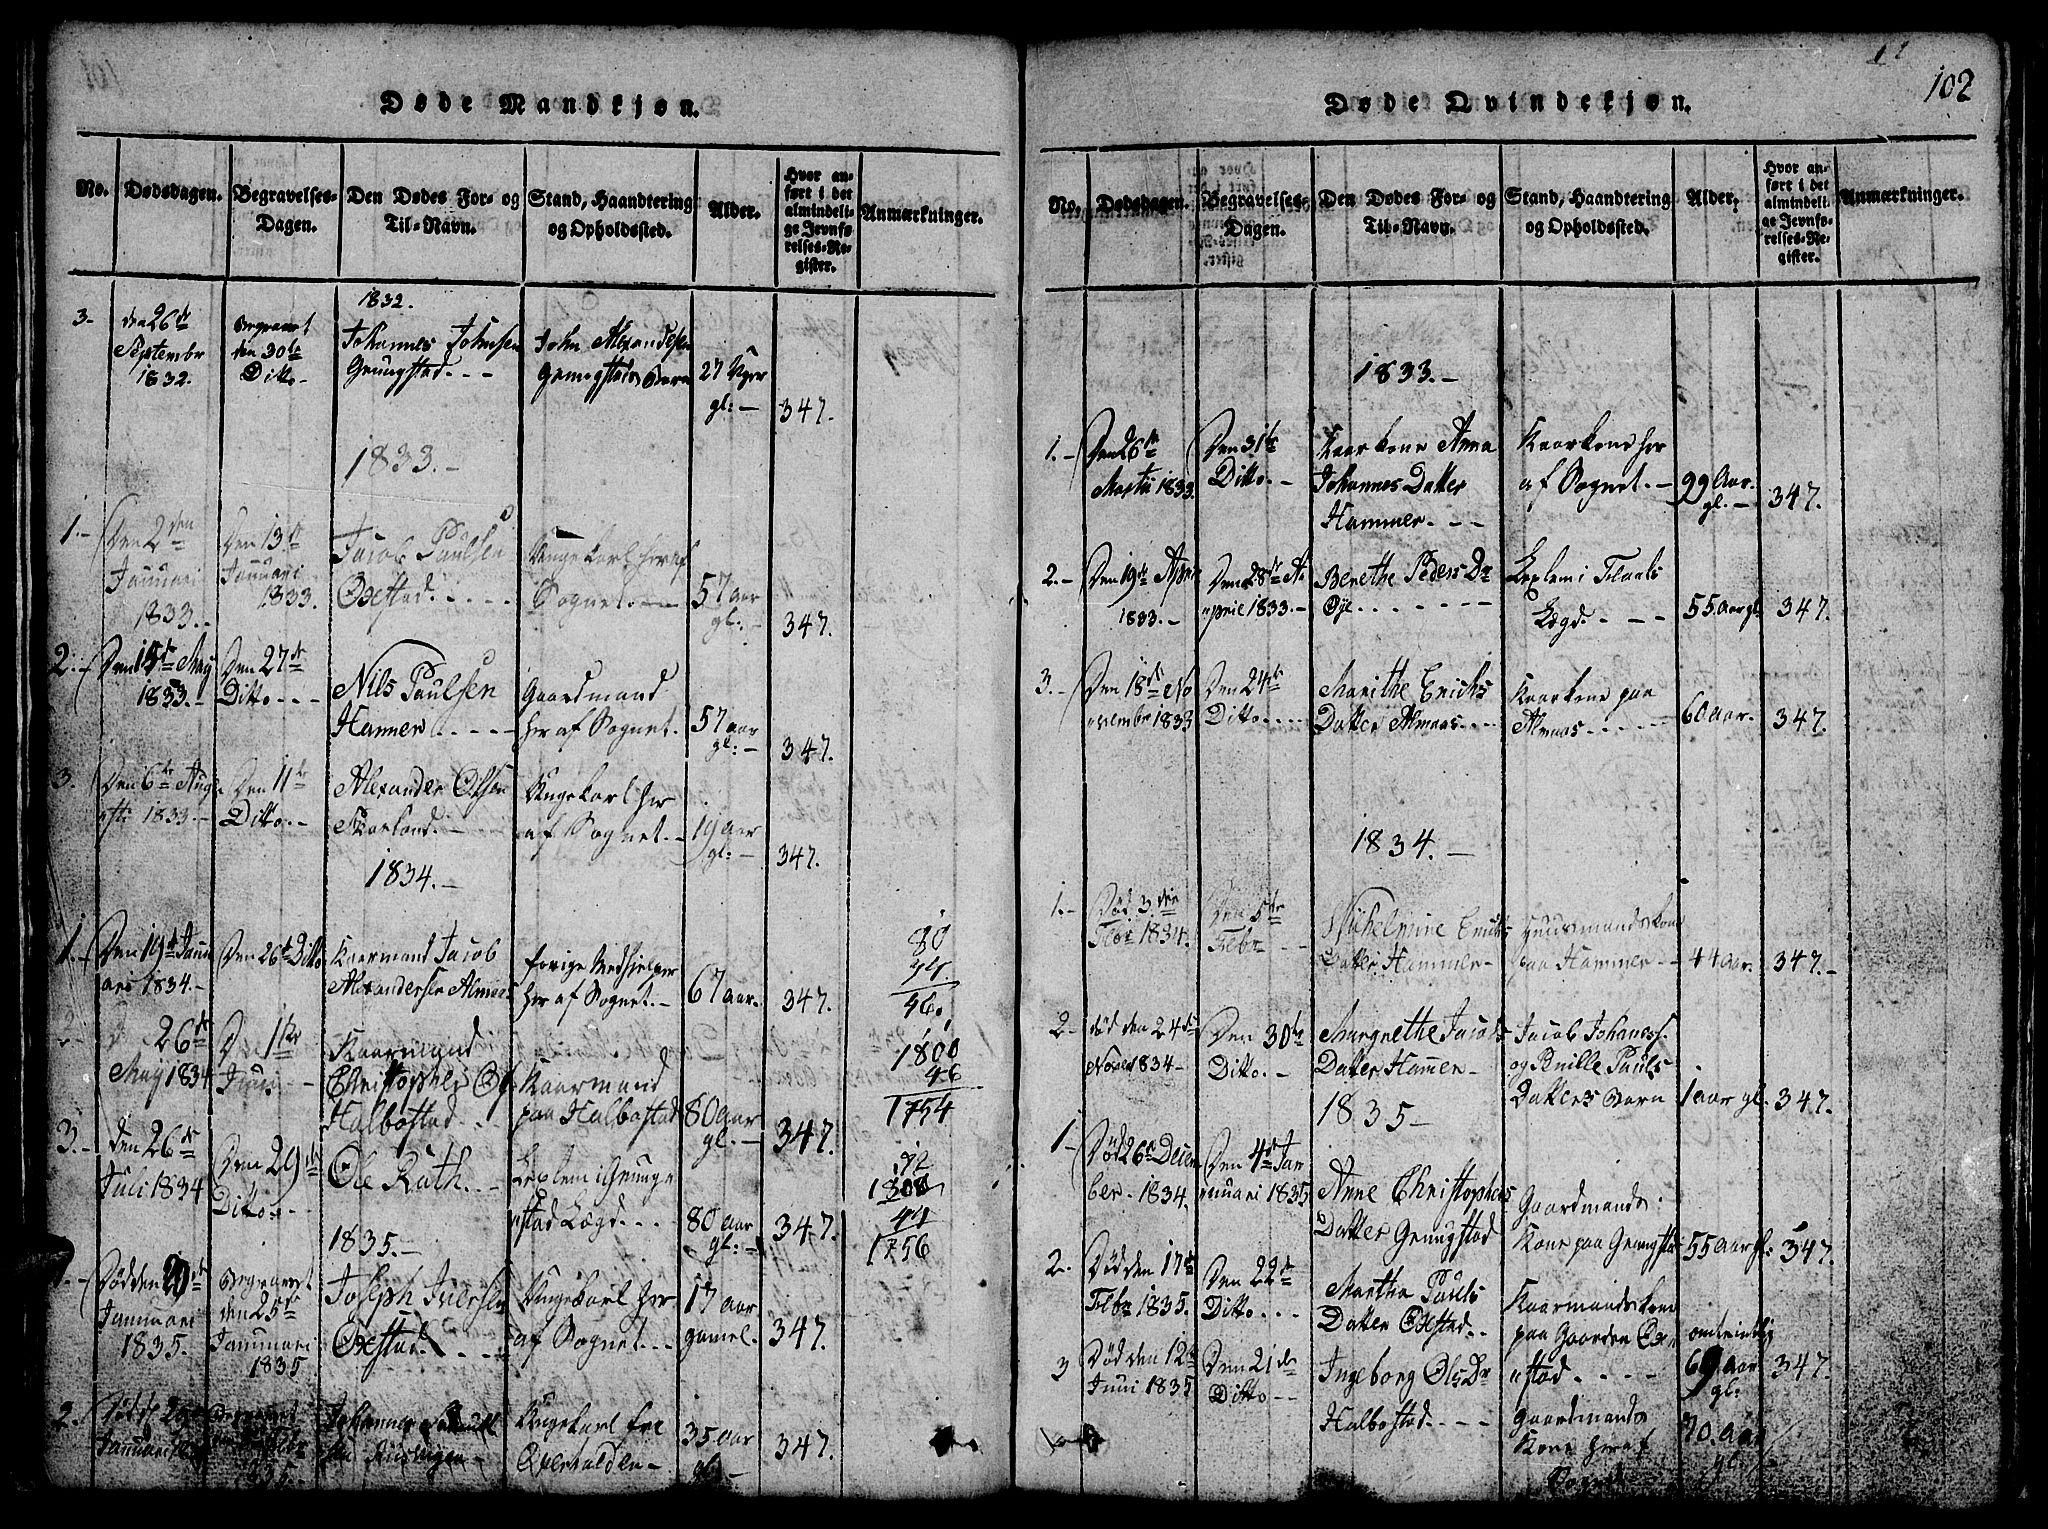 SAT, Ministerialprotokoller, klokkerbøker og fødselsregistre - Nord-Trøndelag, 765/L0562: Klokkerbok nr. 765C01, 1817-1851, s. 102